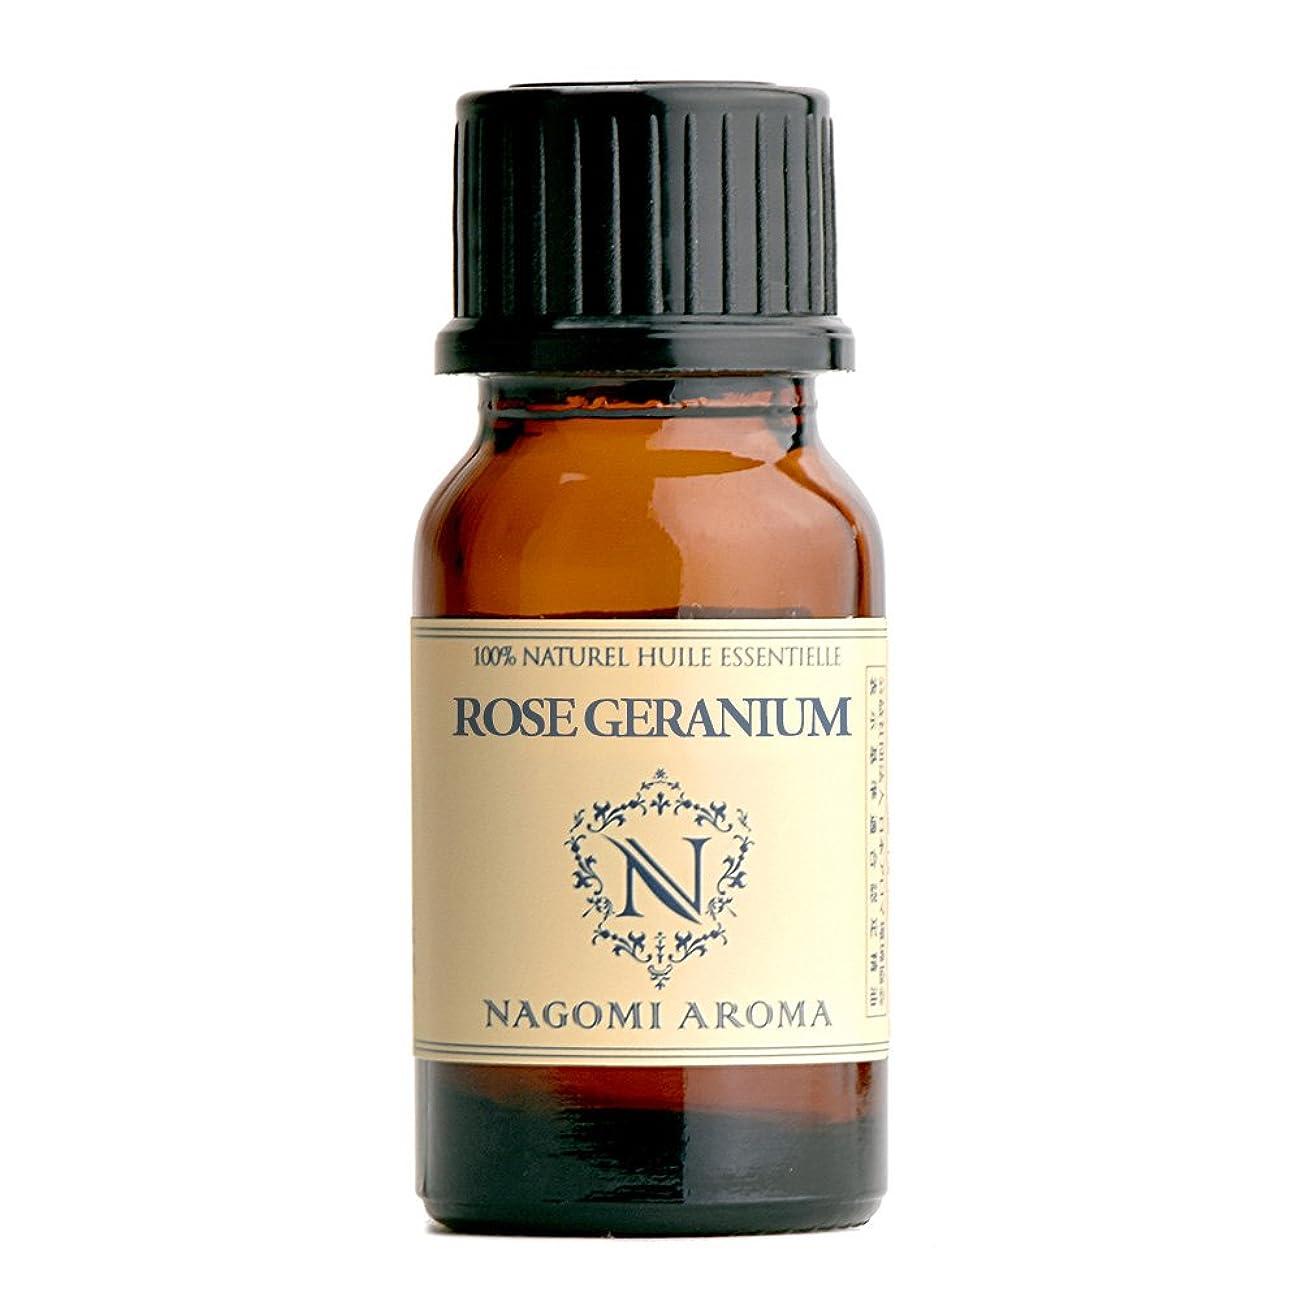 ブリーク上院完全に乾くNAGOMI AROMA ローズゼラニウム 10ml 【AEAJ認定精油】【アロマオイル】